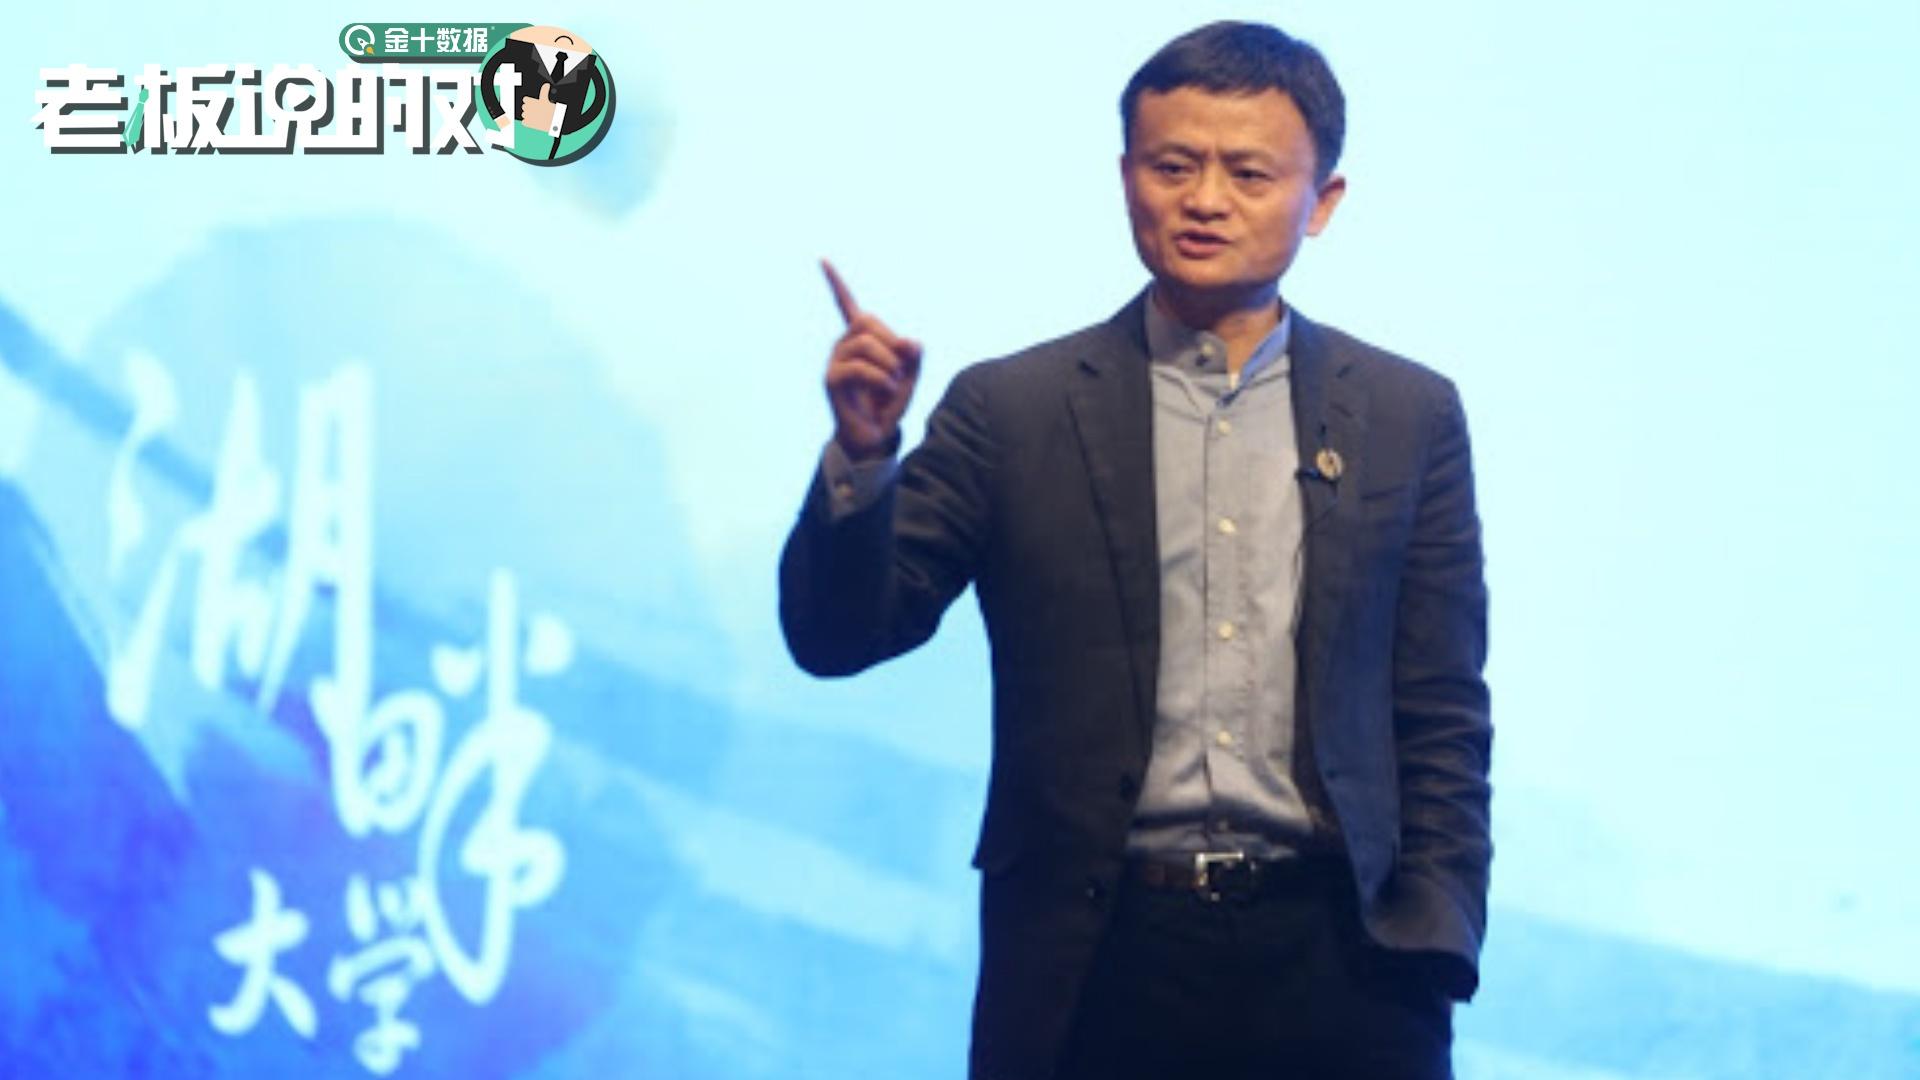 马云:企业家是中国社会最稀缺的资源!湖畔学员在新冠中表现优秀